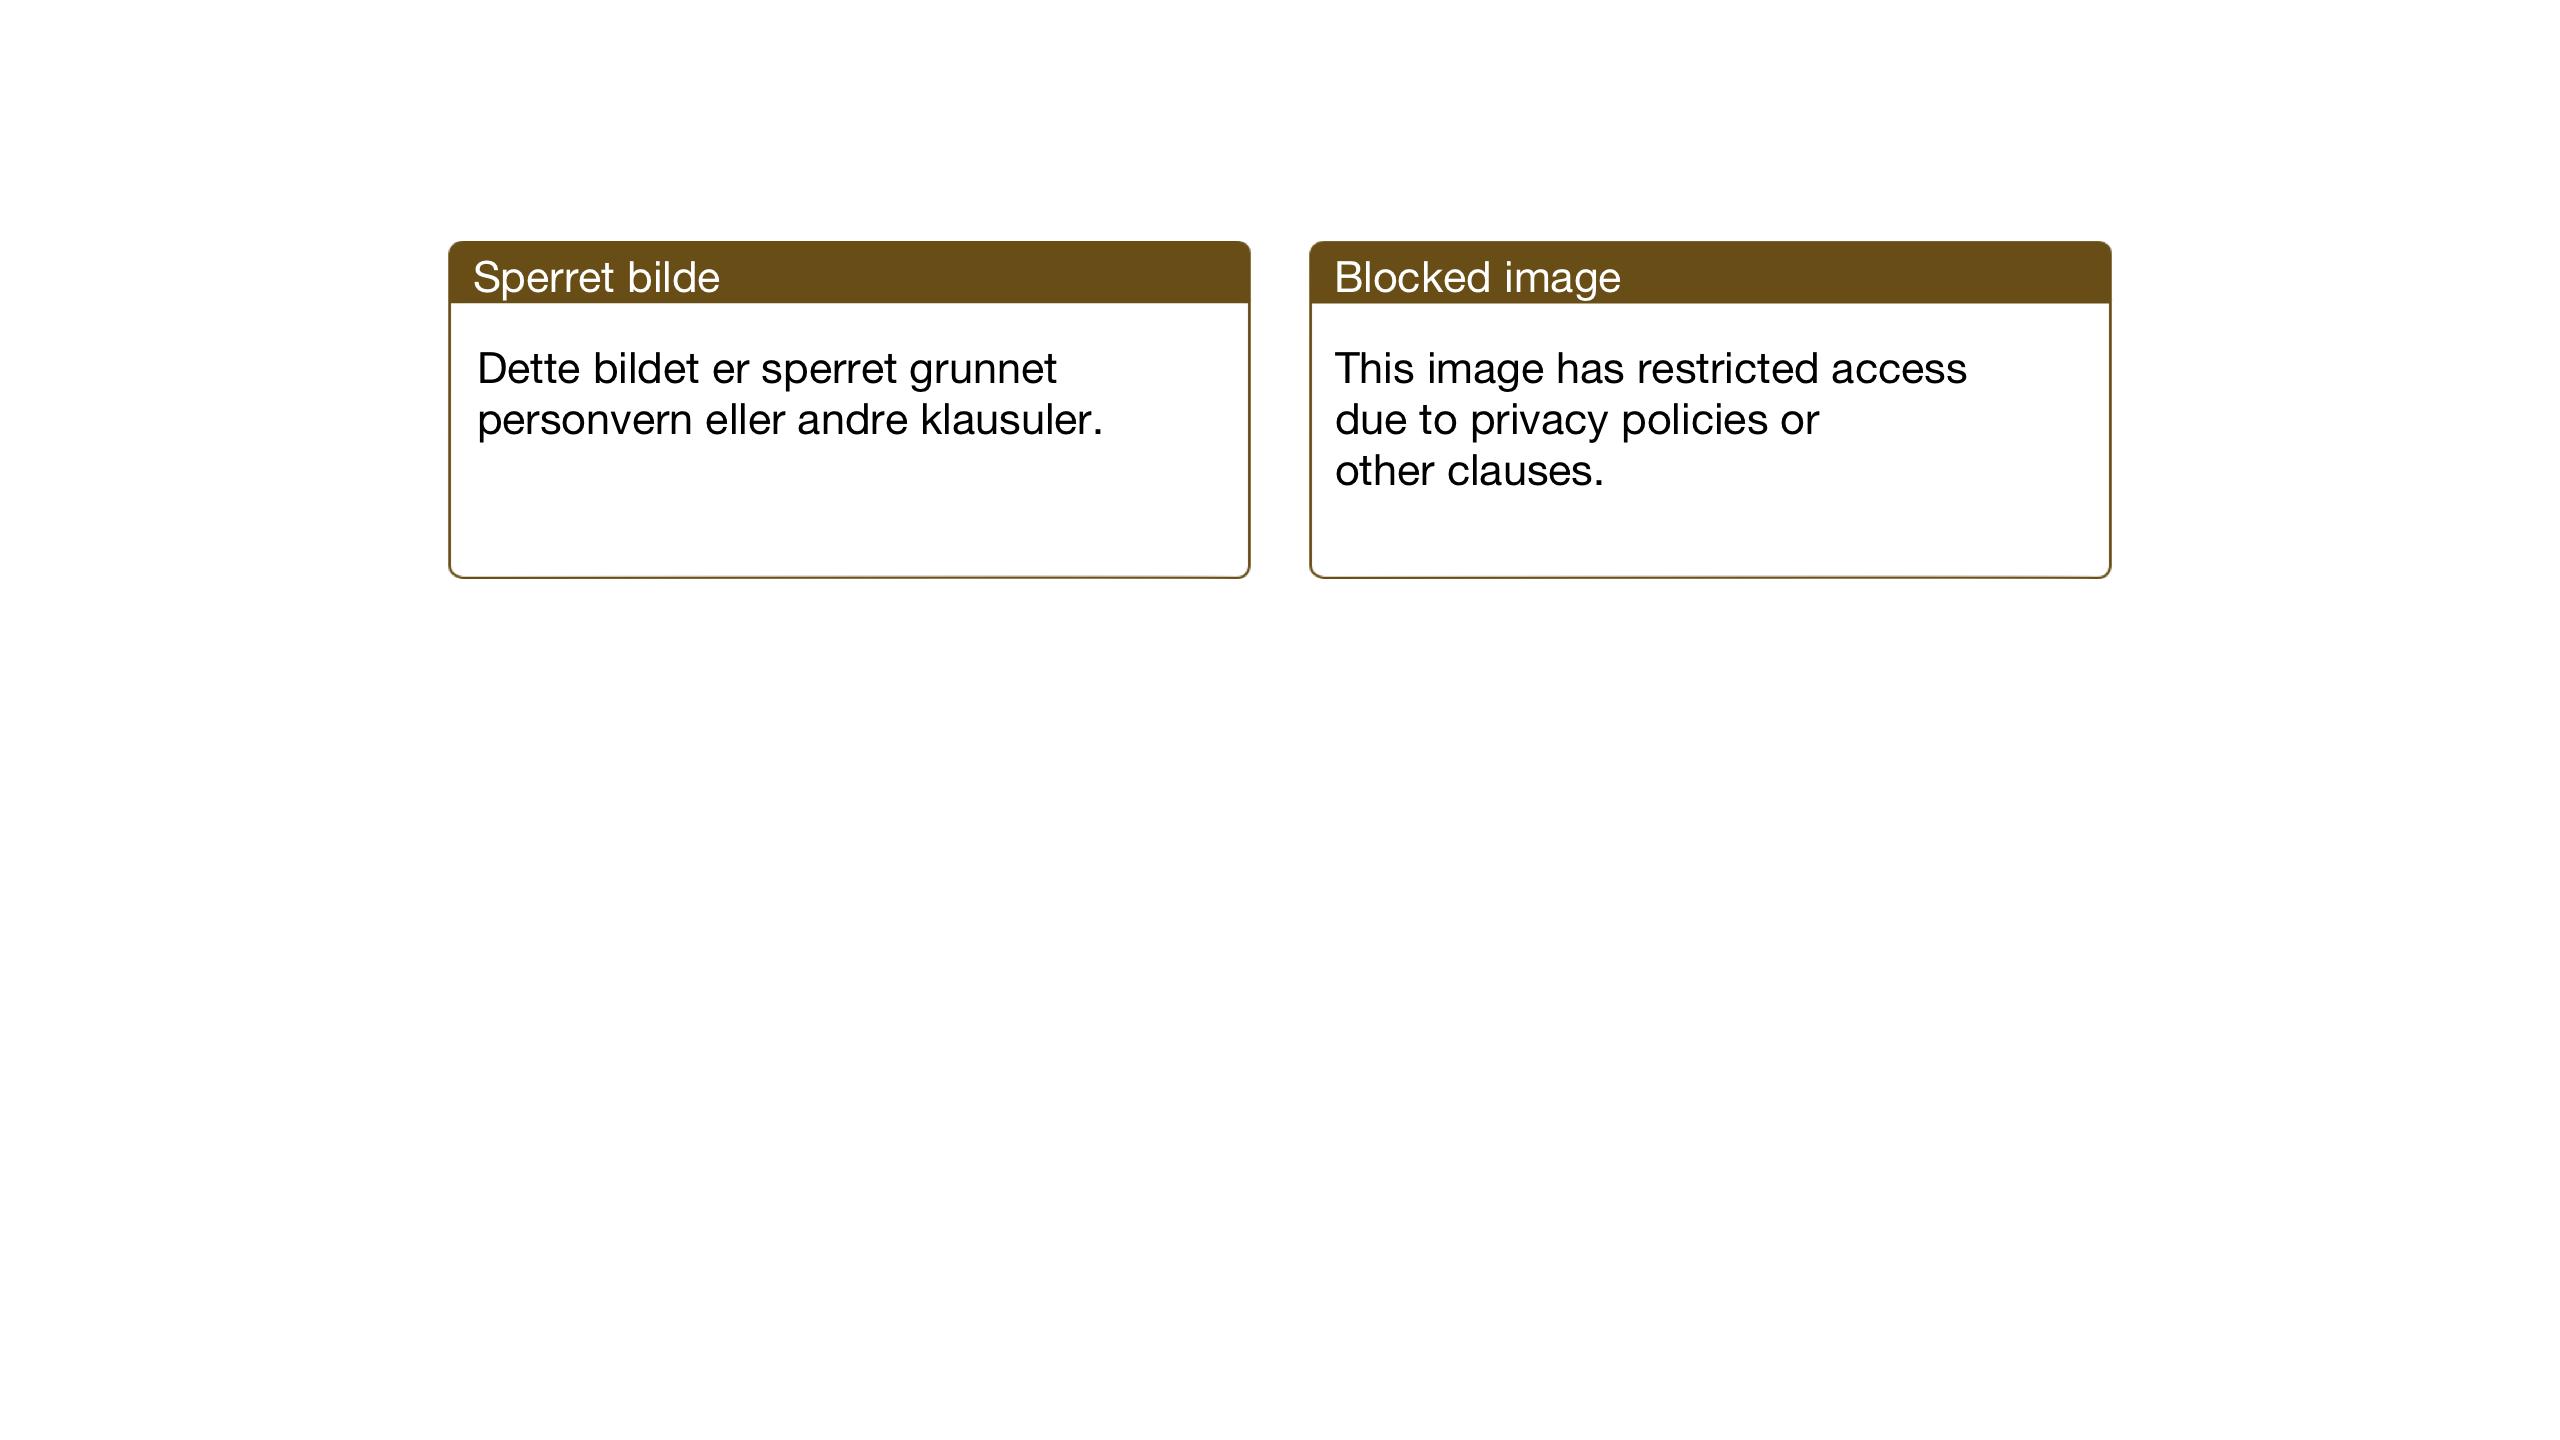 SAT, Ministerialprotokoller, klokkerbøker og fødselsregistre - Sør-Trøndelag, 640/L0589: Klokkerbok nr. 640C06, 1922-1934, s. 101